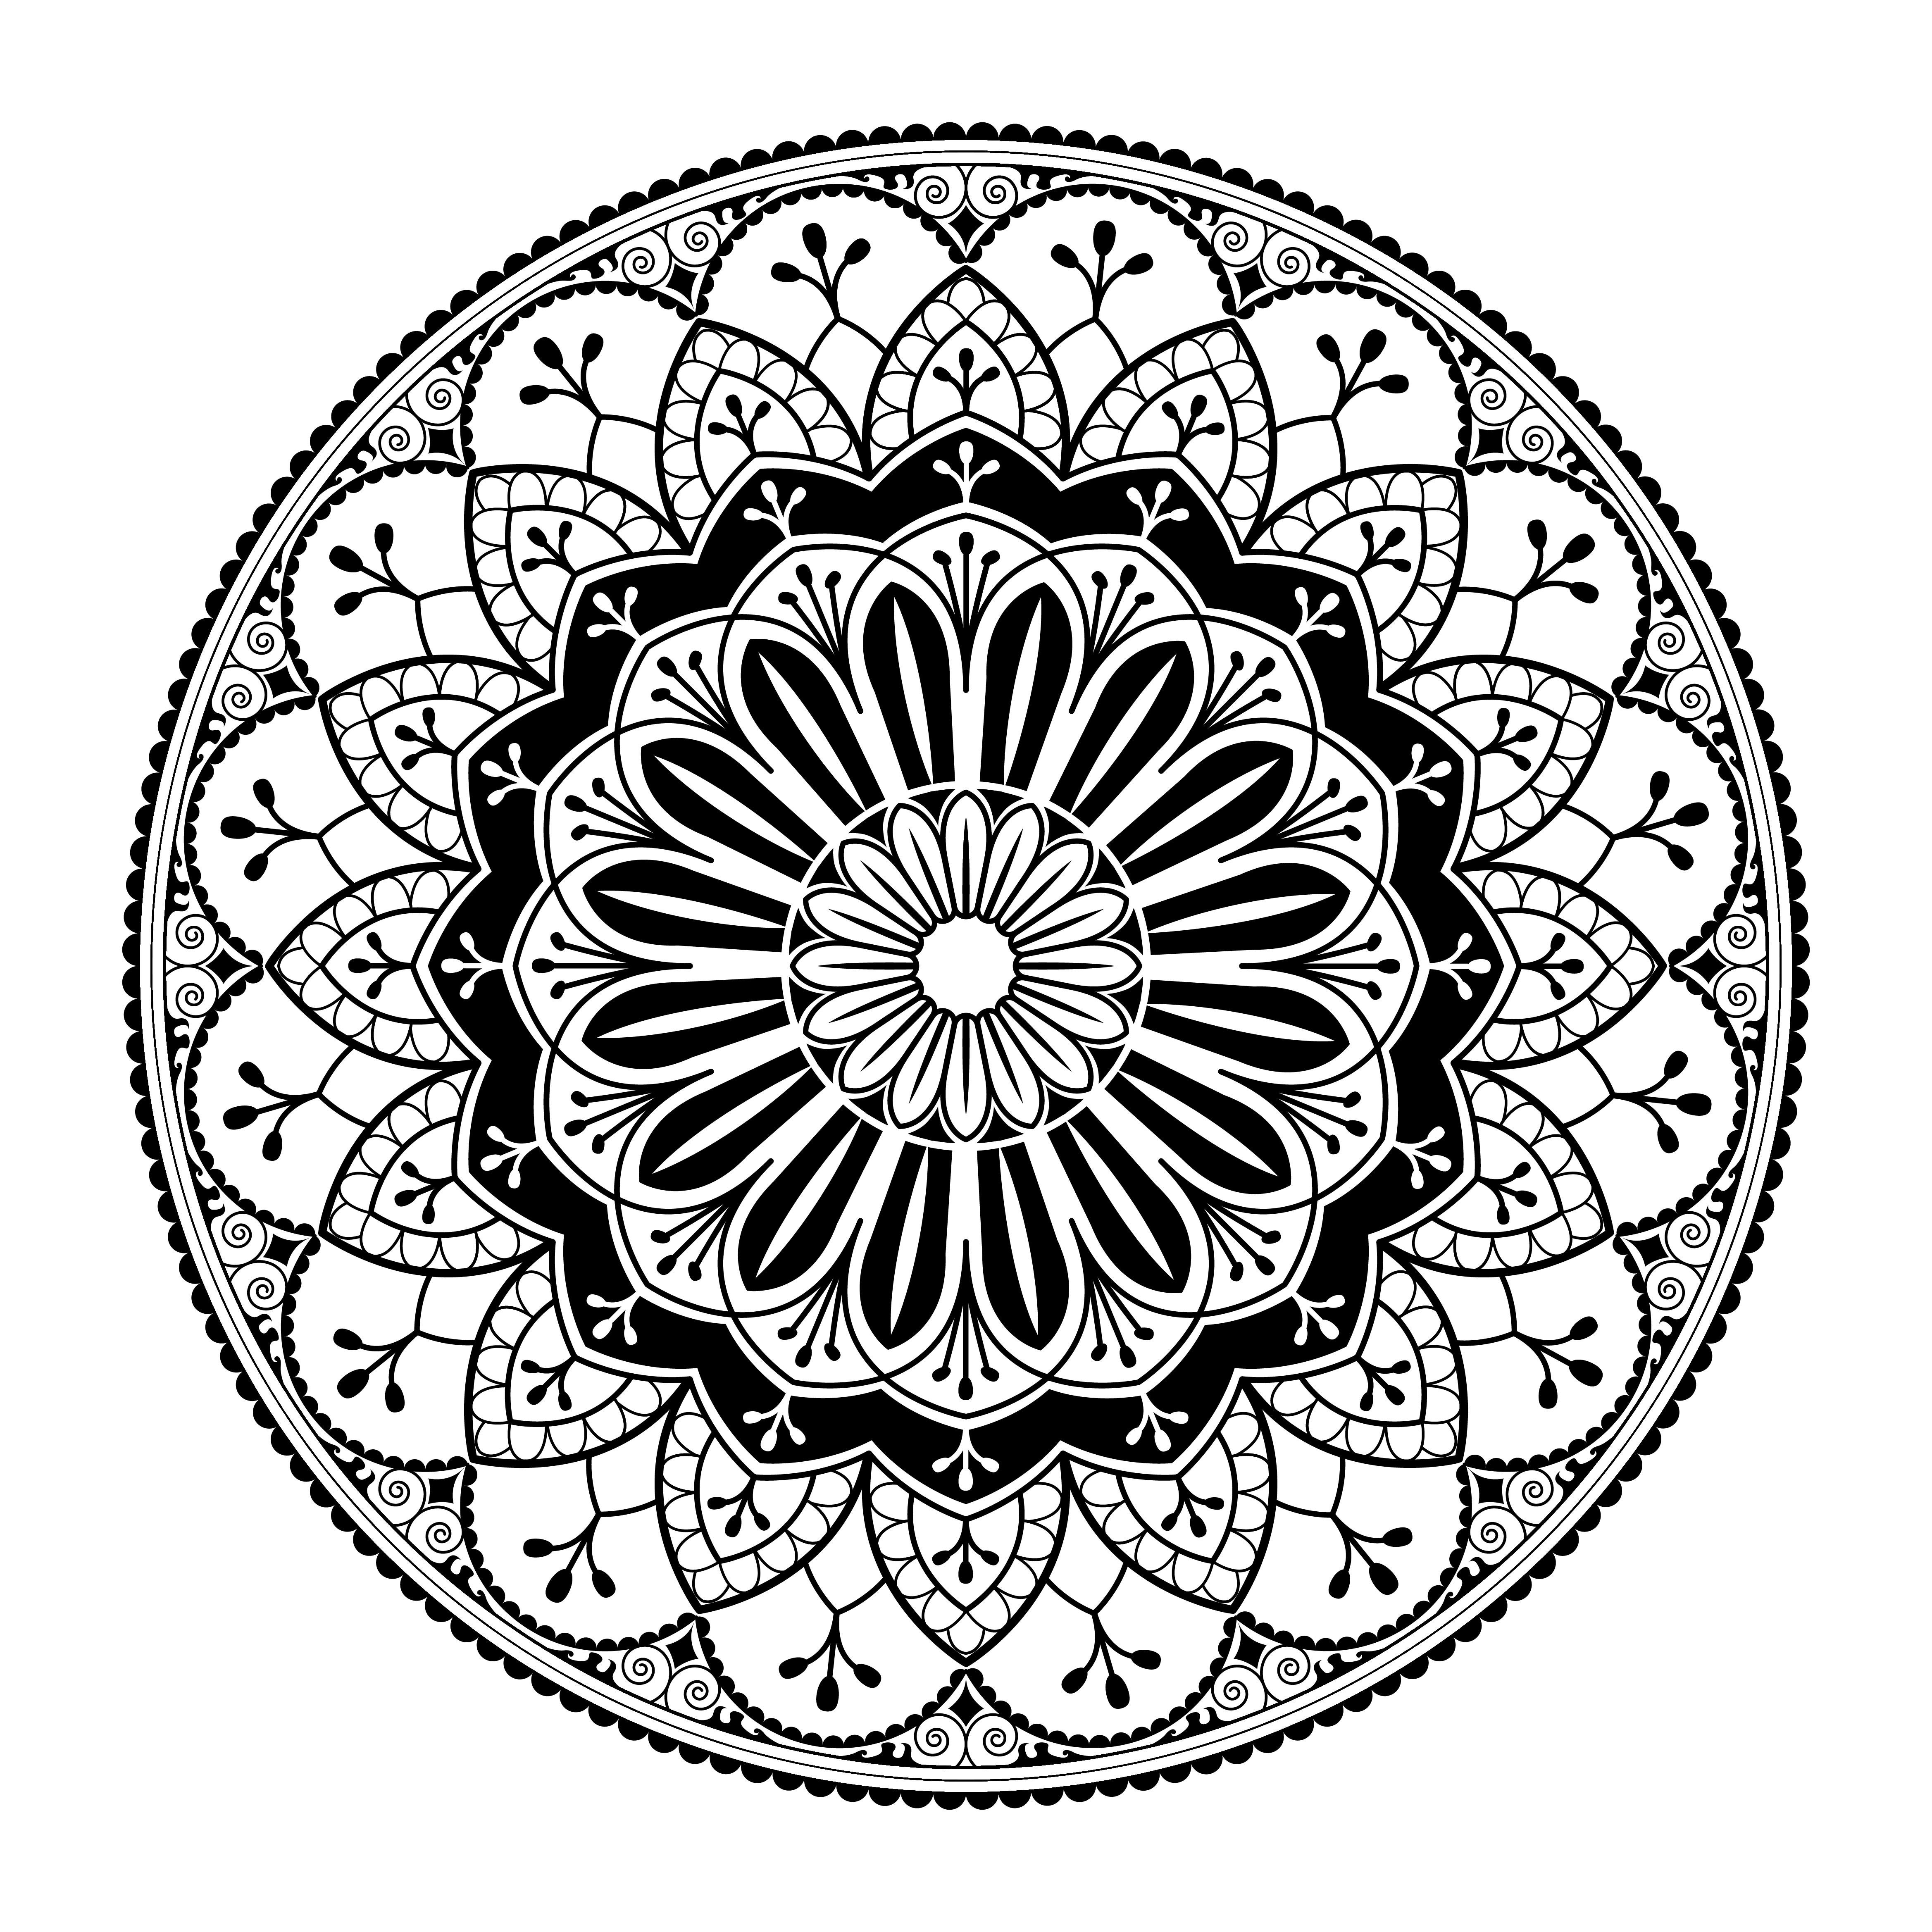 Spiritual mandala pattern - Download Free Vectors, Clipart ...